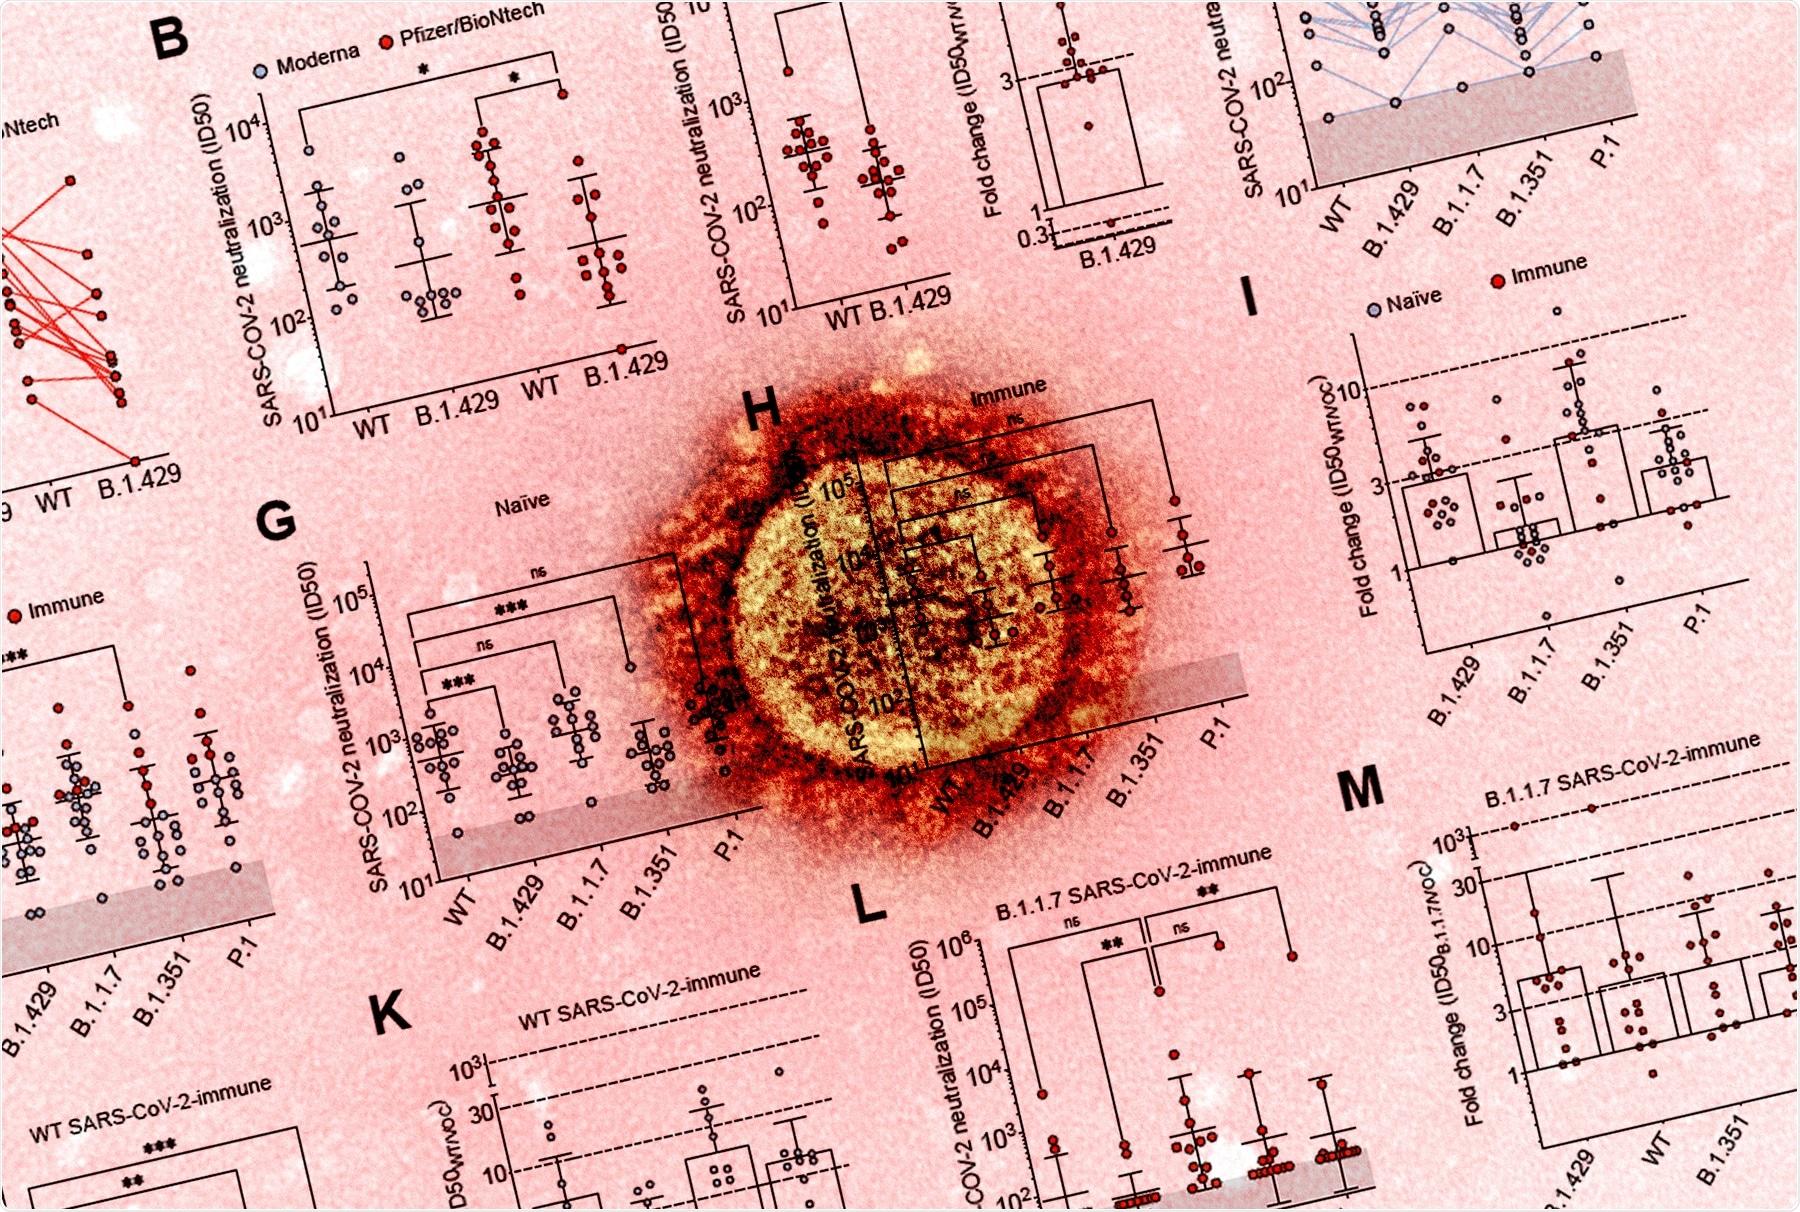 Estudio: Evasión inmune del SARS-CoV-2 mediante la variante B.1.427 / B.1.429